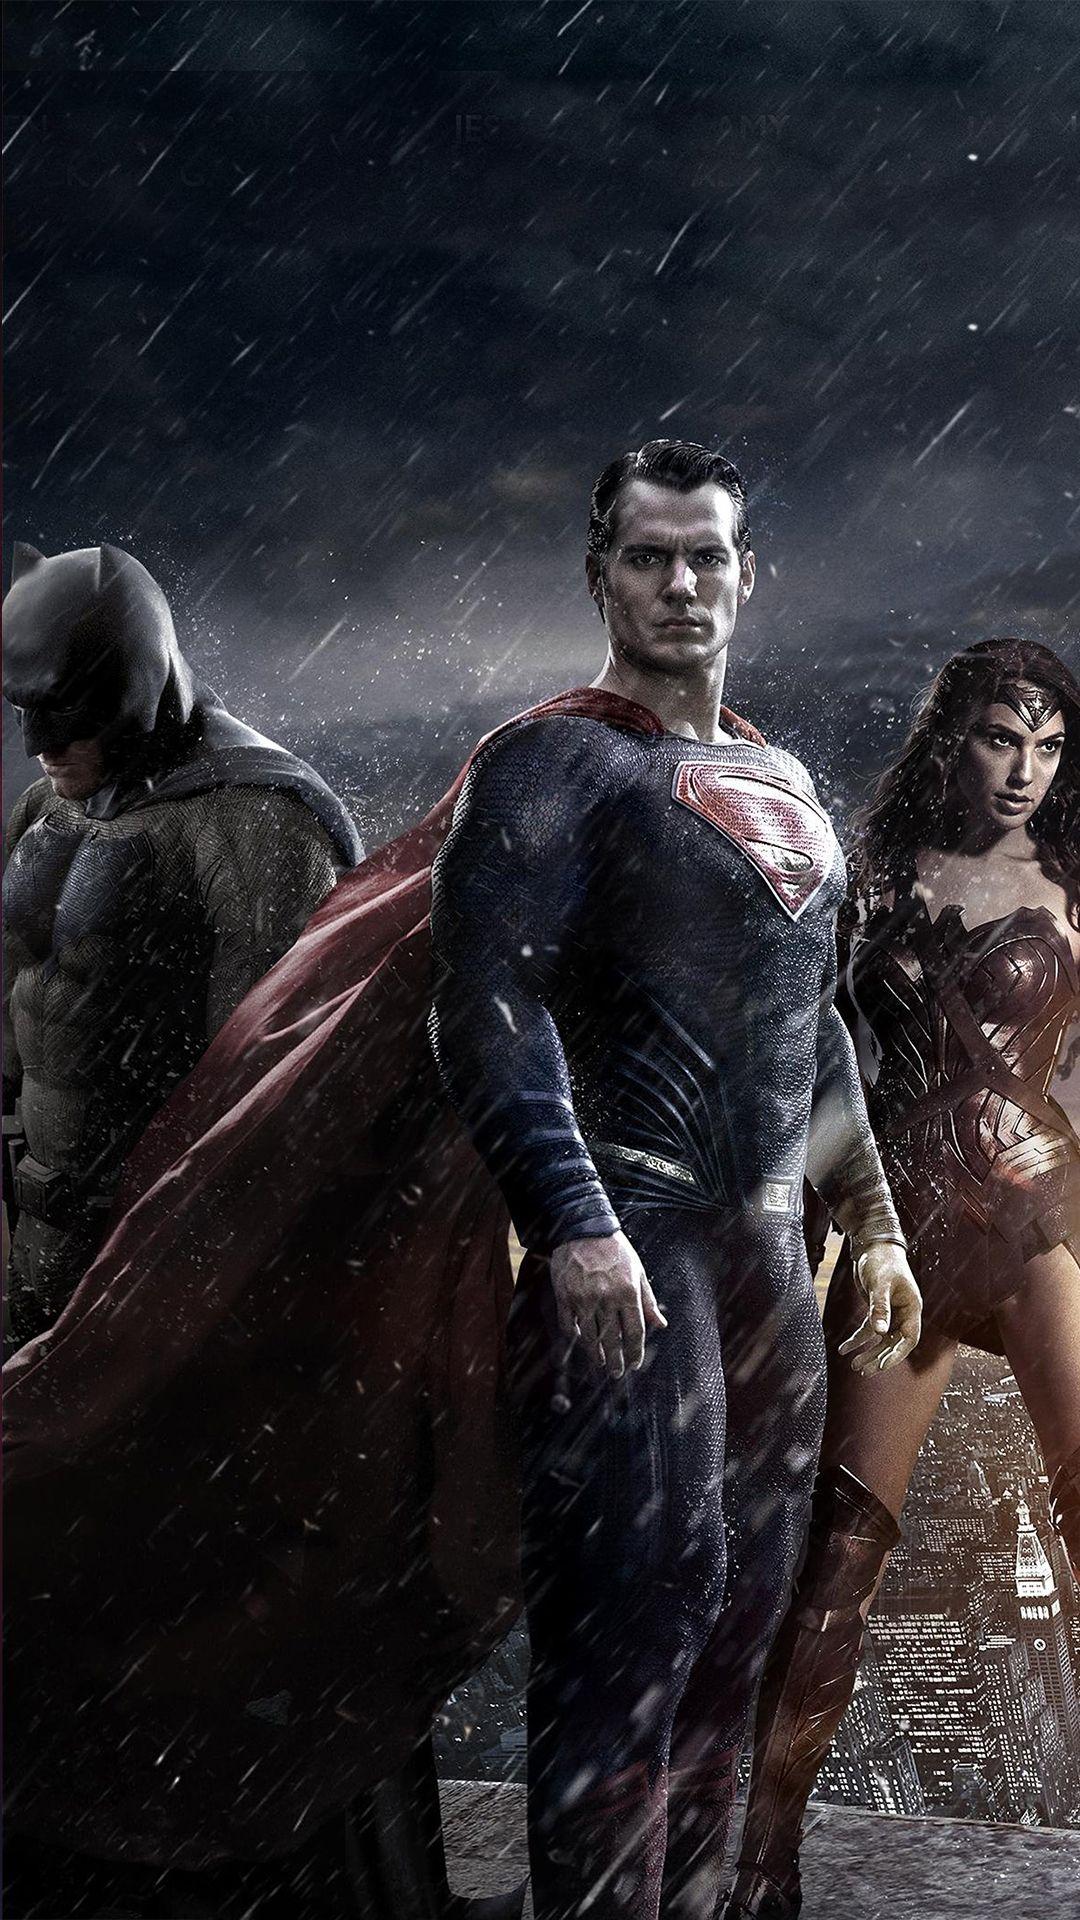 Batman Vs Superman Poster Iphone Wallpaper